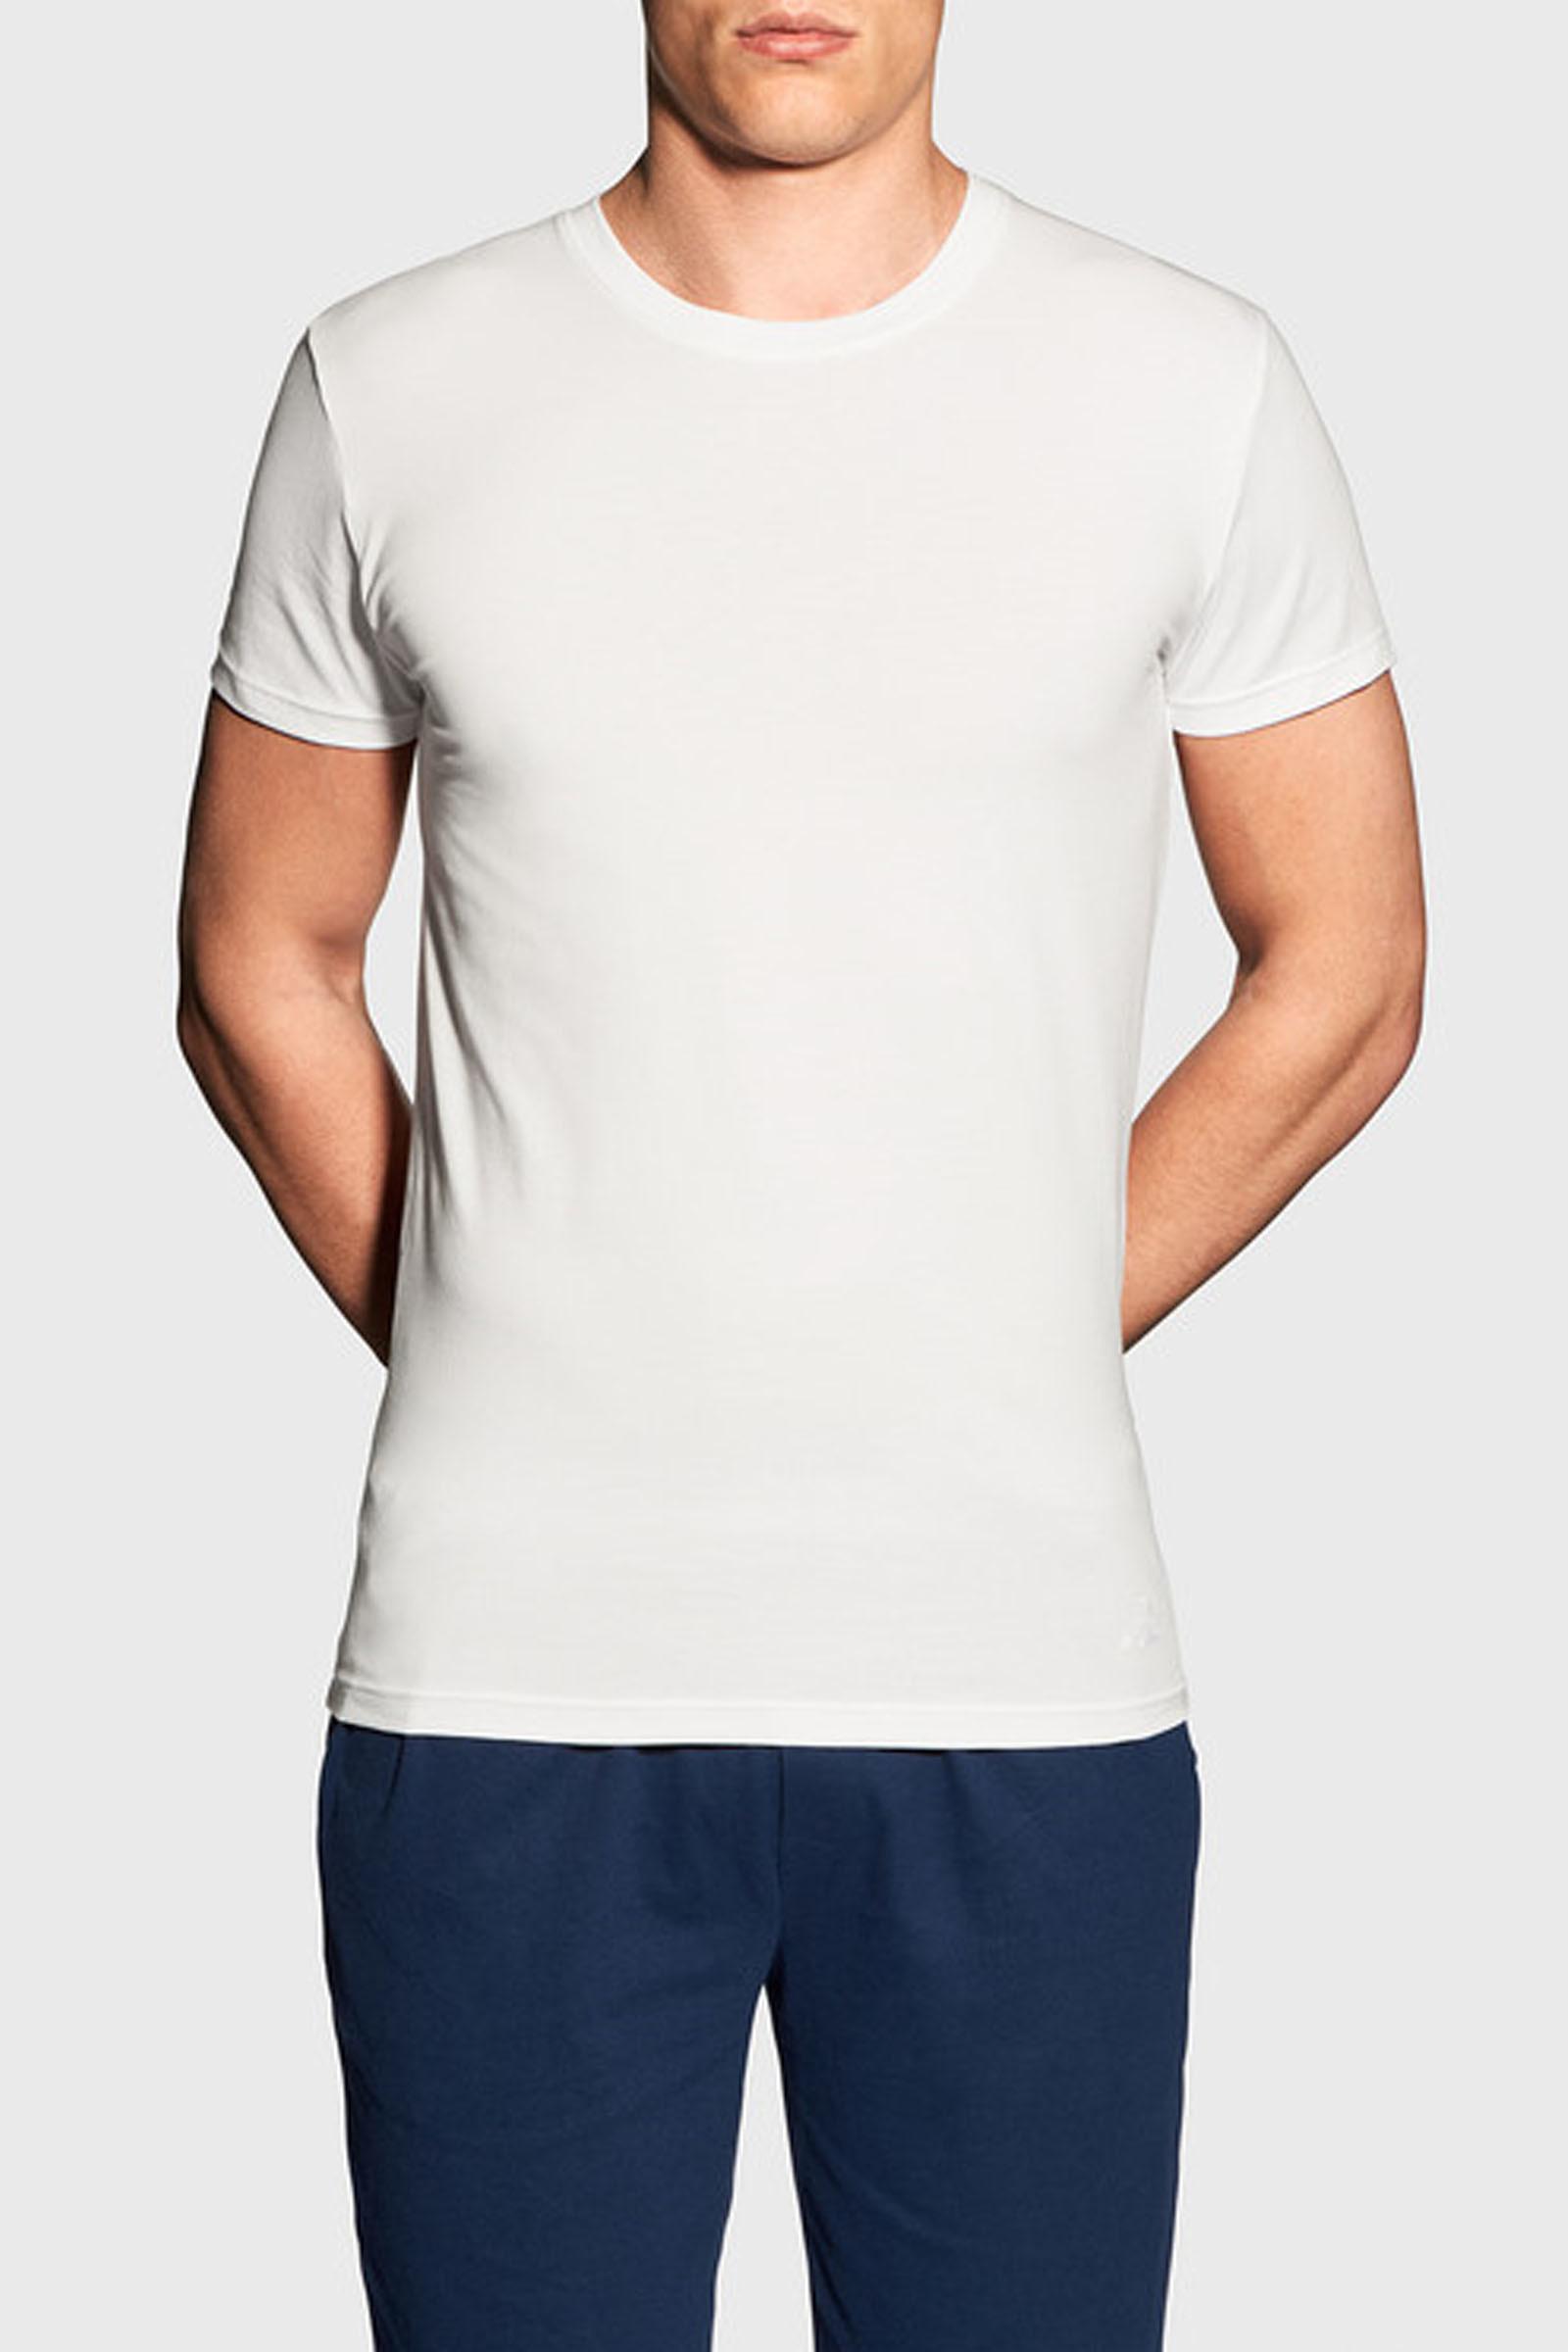 Pánské tričko Gant bílé (901911998-110) L